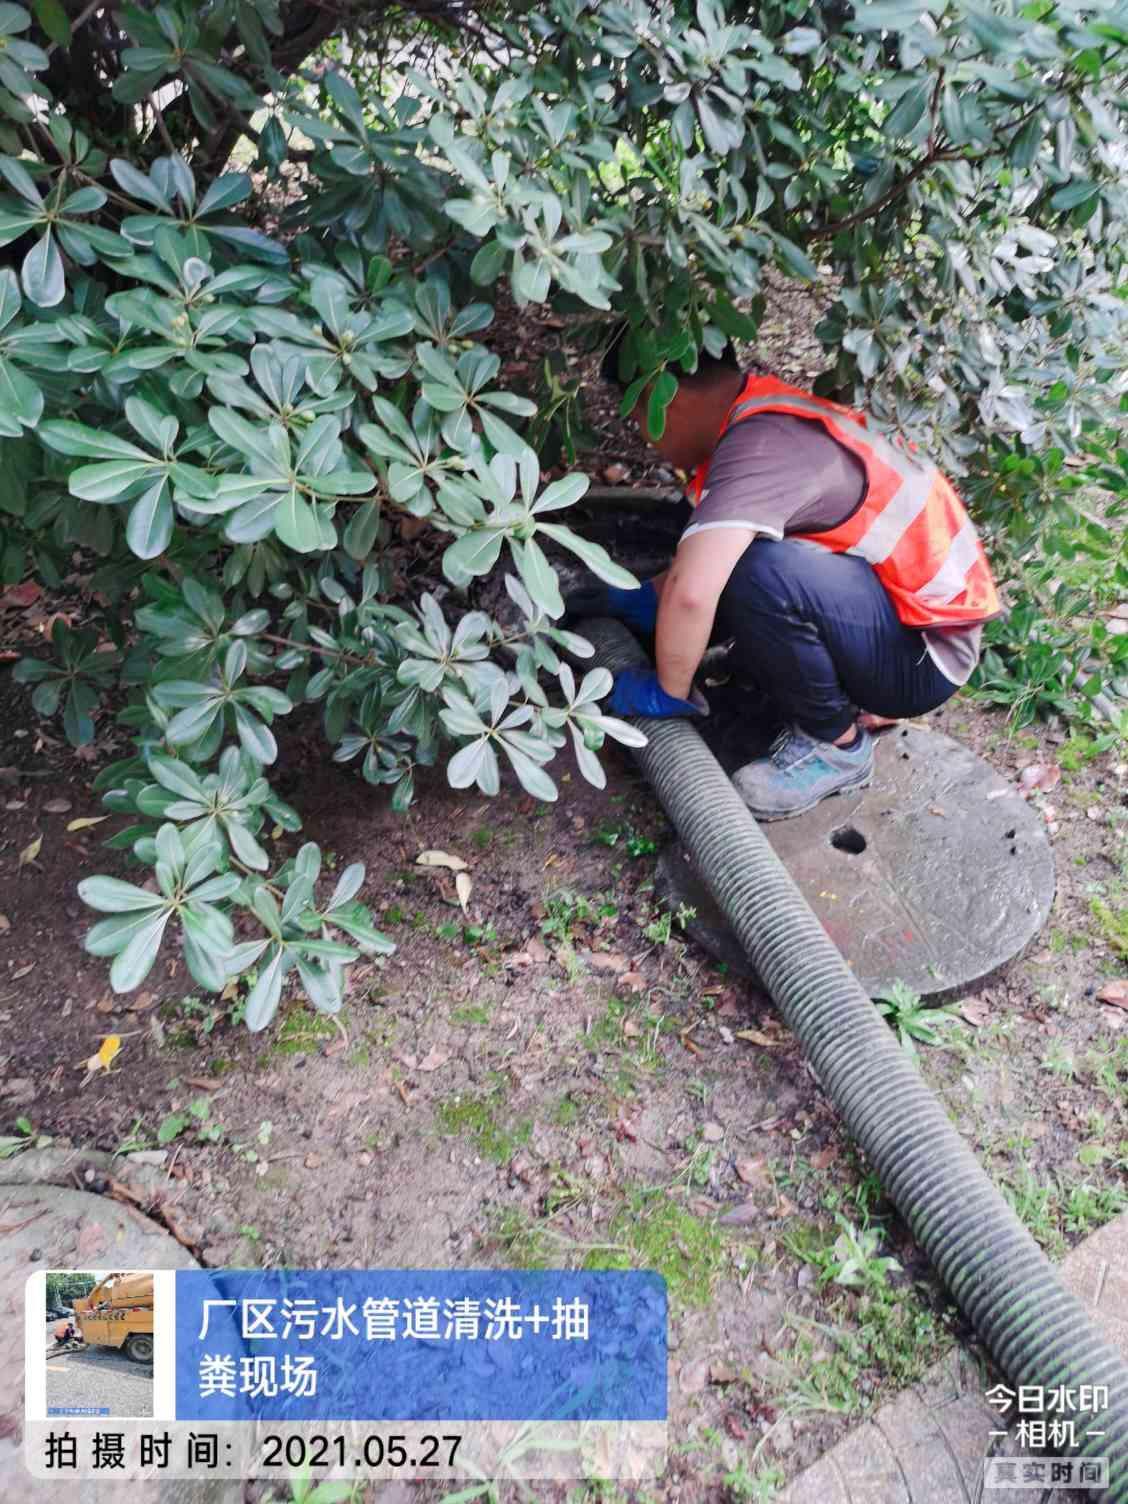 商情-常州市新北区清洗下水管道必看【捷达通】